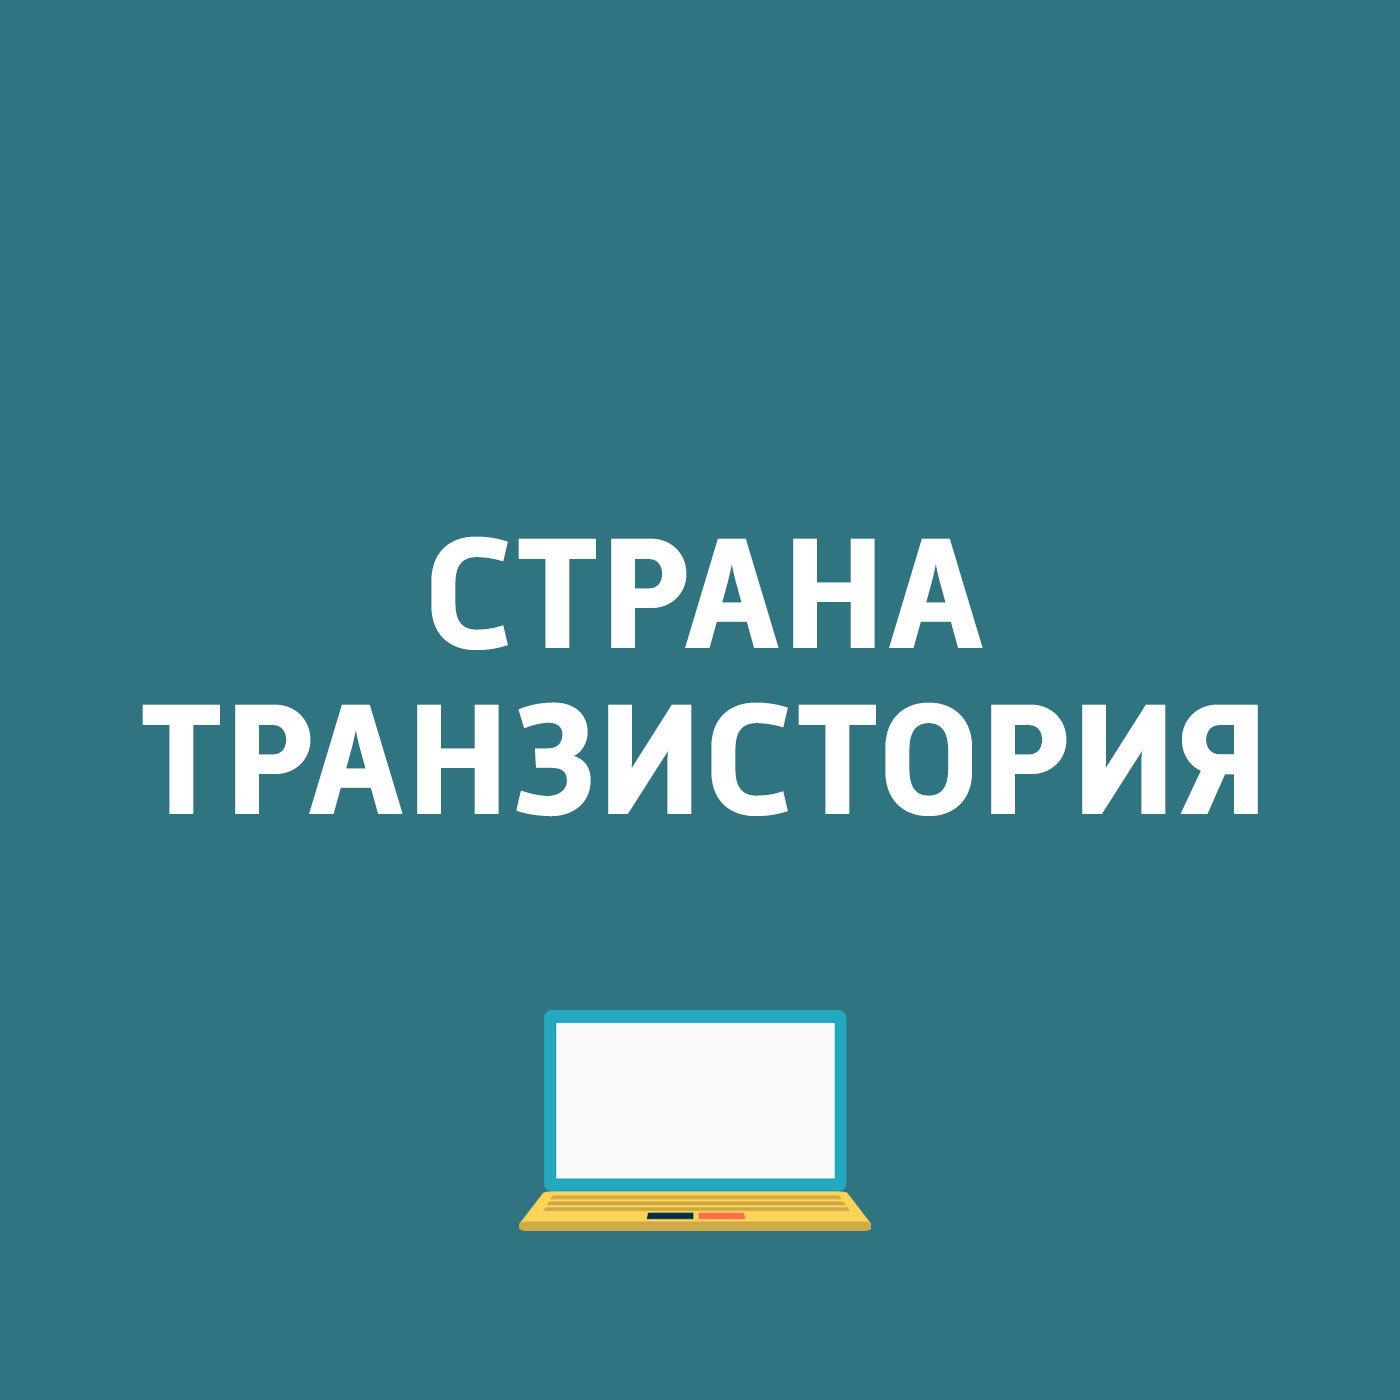 Картаев Павел Смартфон V35 ThinQ; Xiaomi Mi 8 появится в России; С 1 июня россияне начнут больше платить за интернет картаев павел hmd получила контроль над брендом nokia смартфоны дебютируют в 2017 году